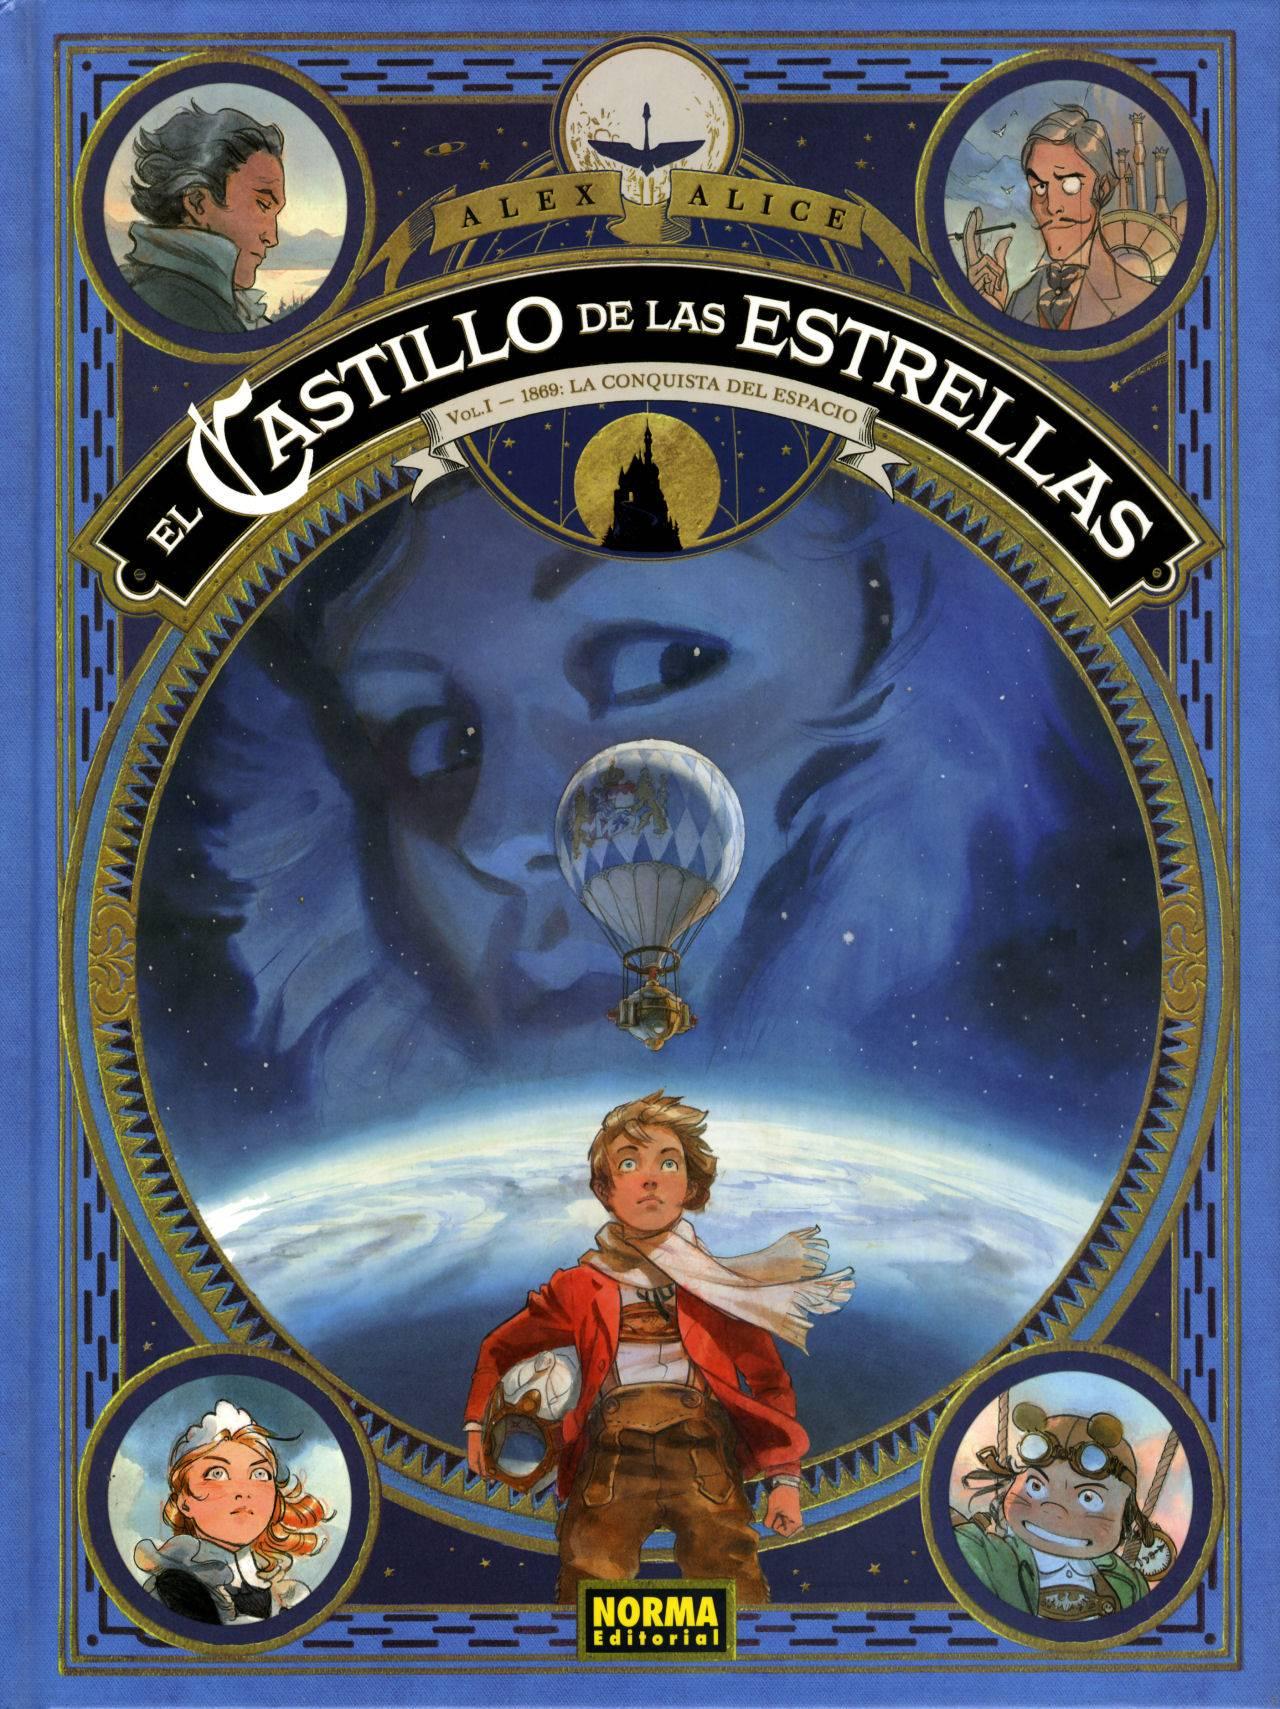 El Castillo De Las Estrellas 1. 1869: La Conquista Del Espacio